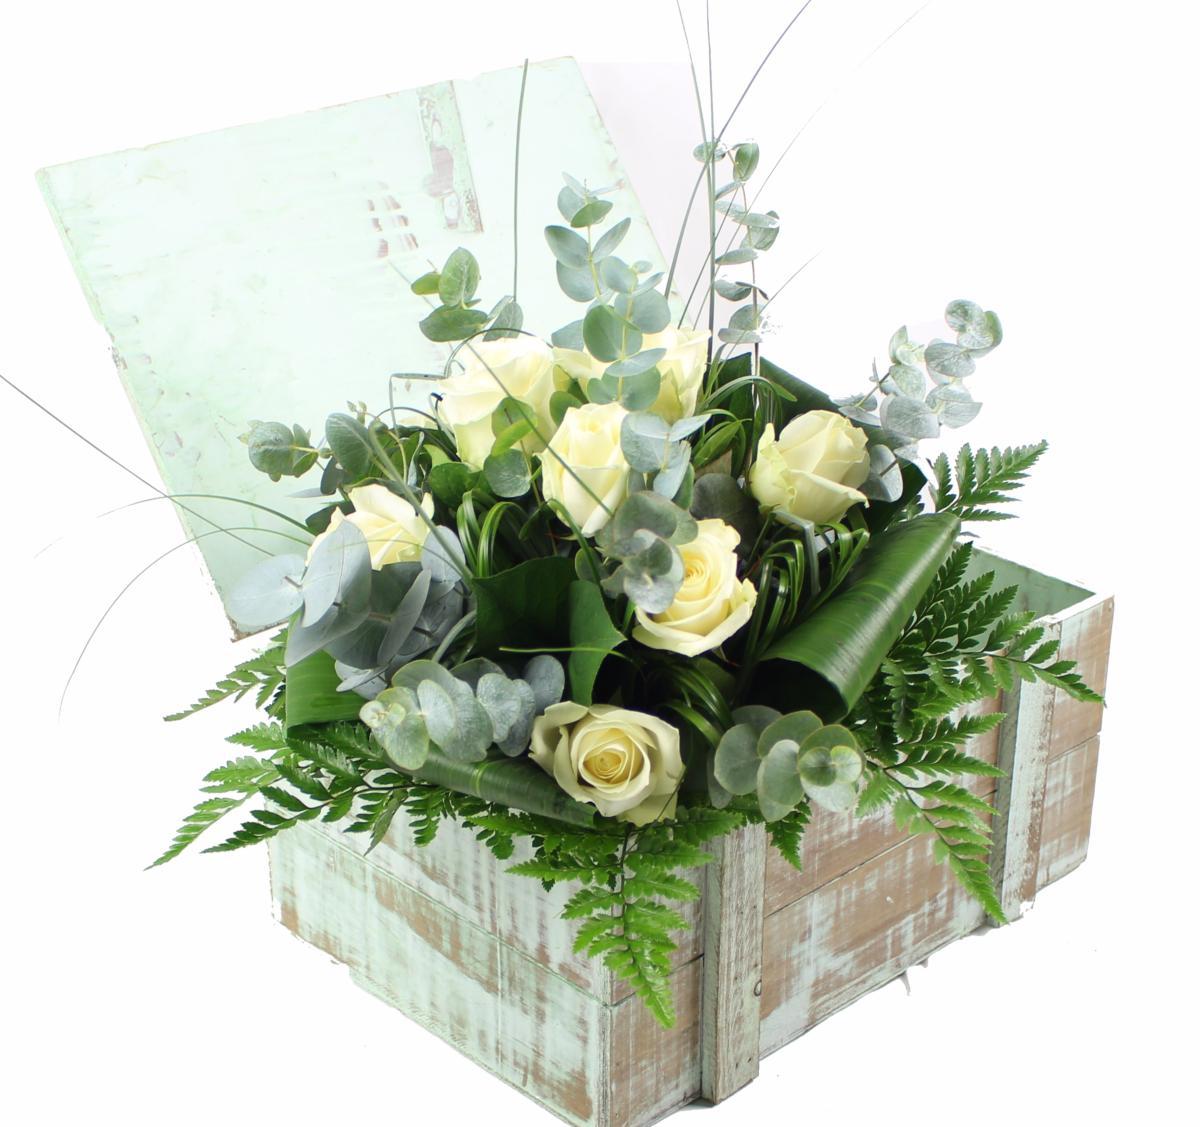 la fontaine fleurie livraison bouquet de roses blanches. Black Bedroom Furniture Sets. Home Design Ideas